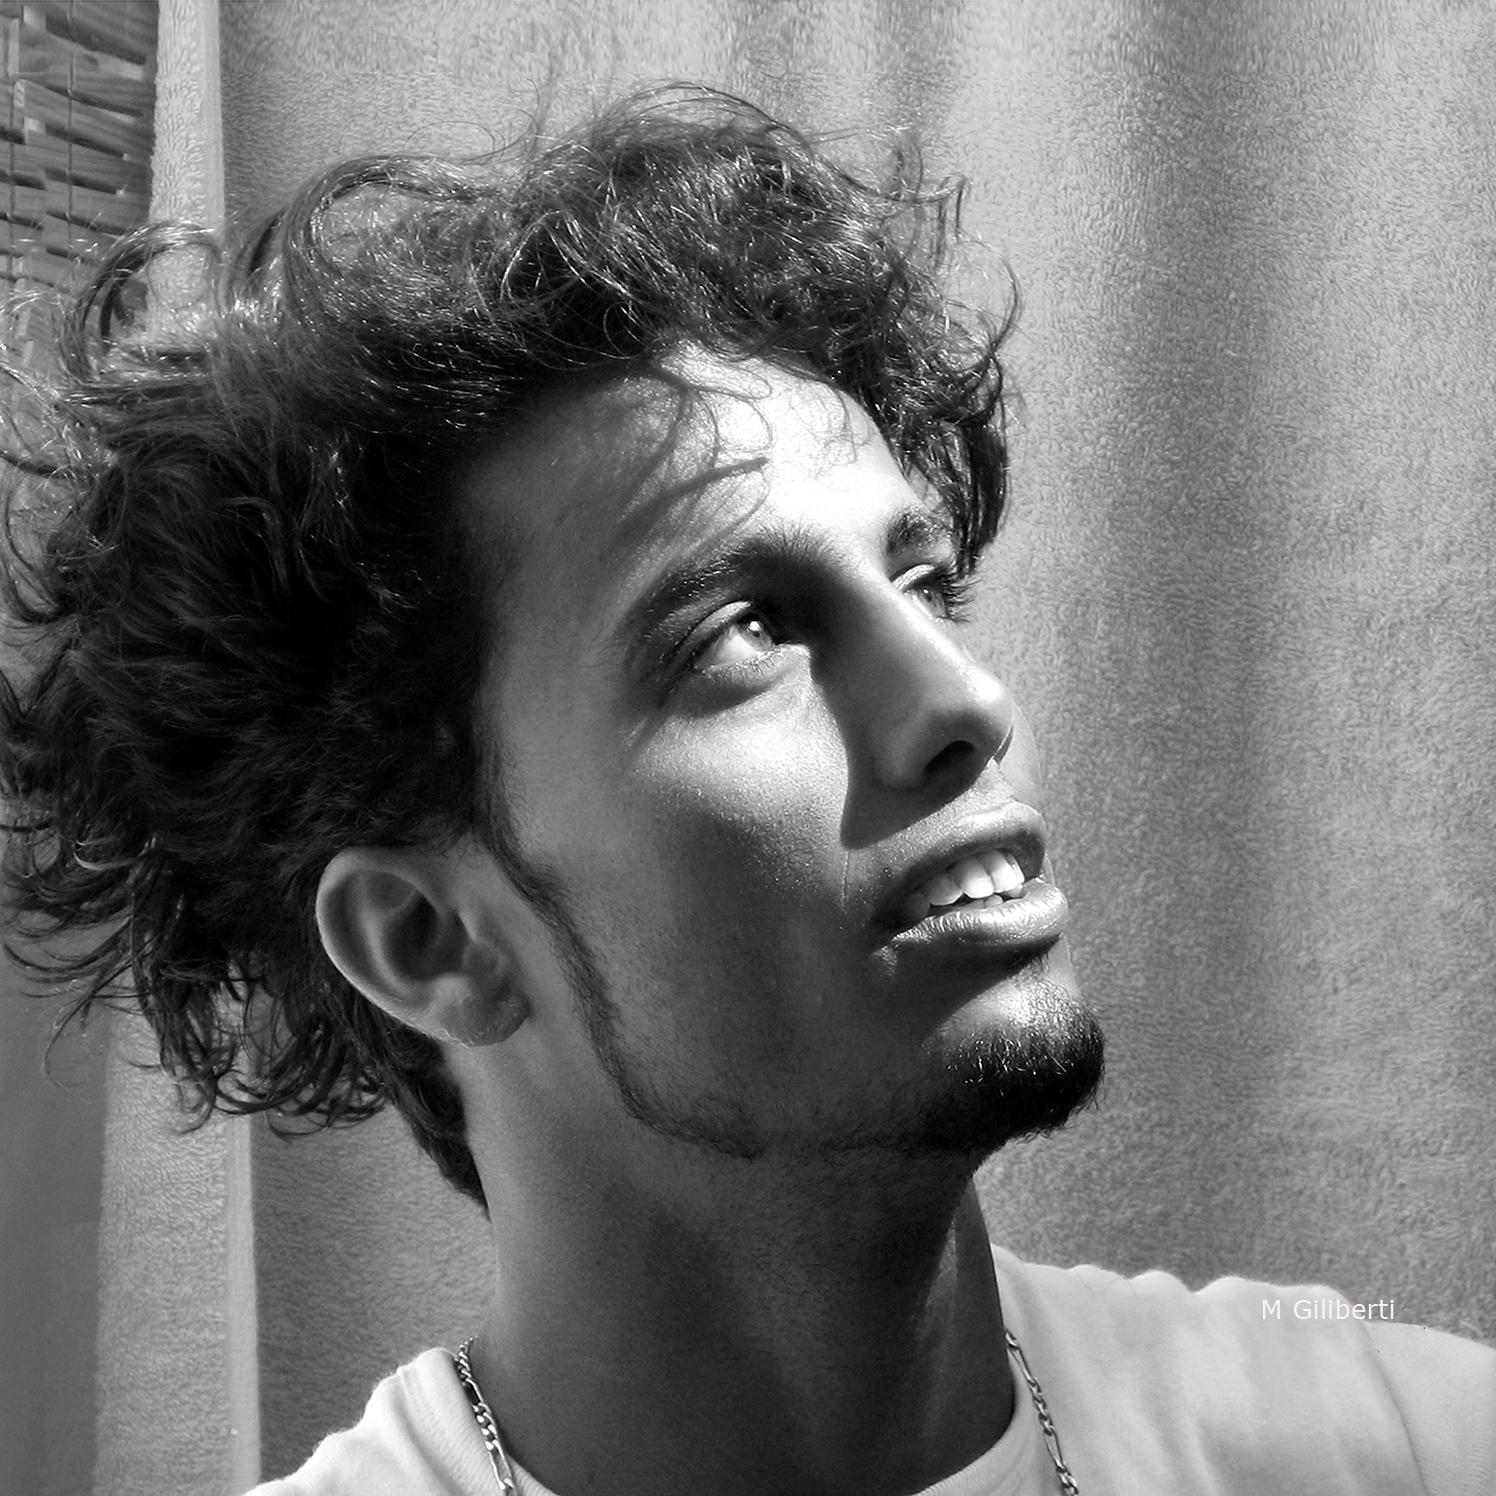 Abdou / Sidi Bou Said